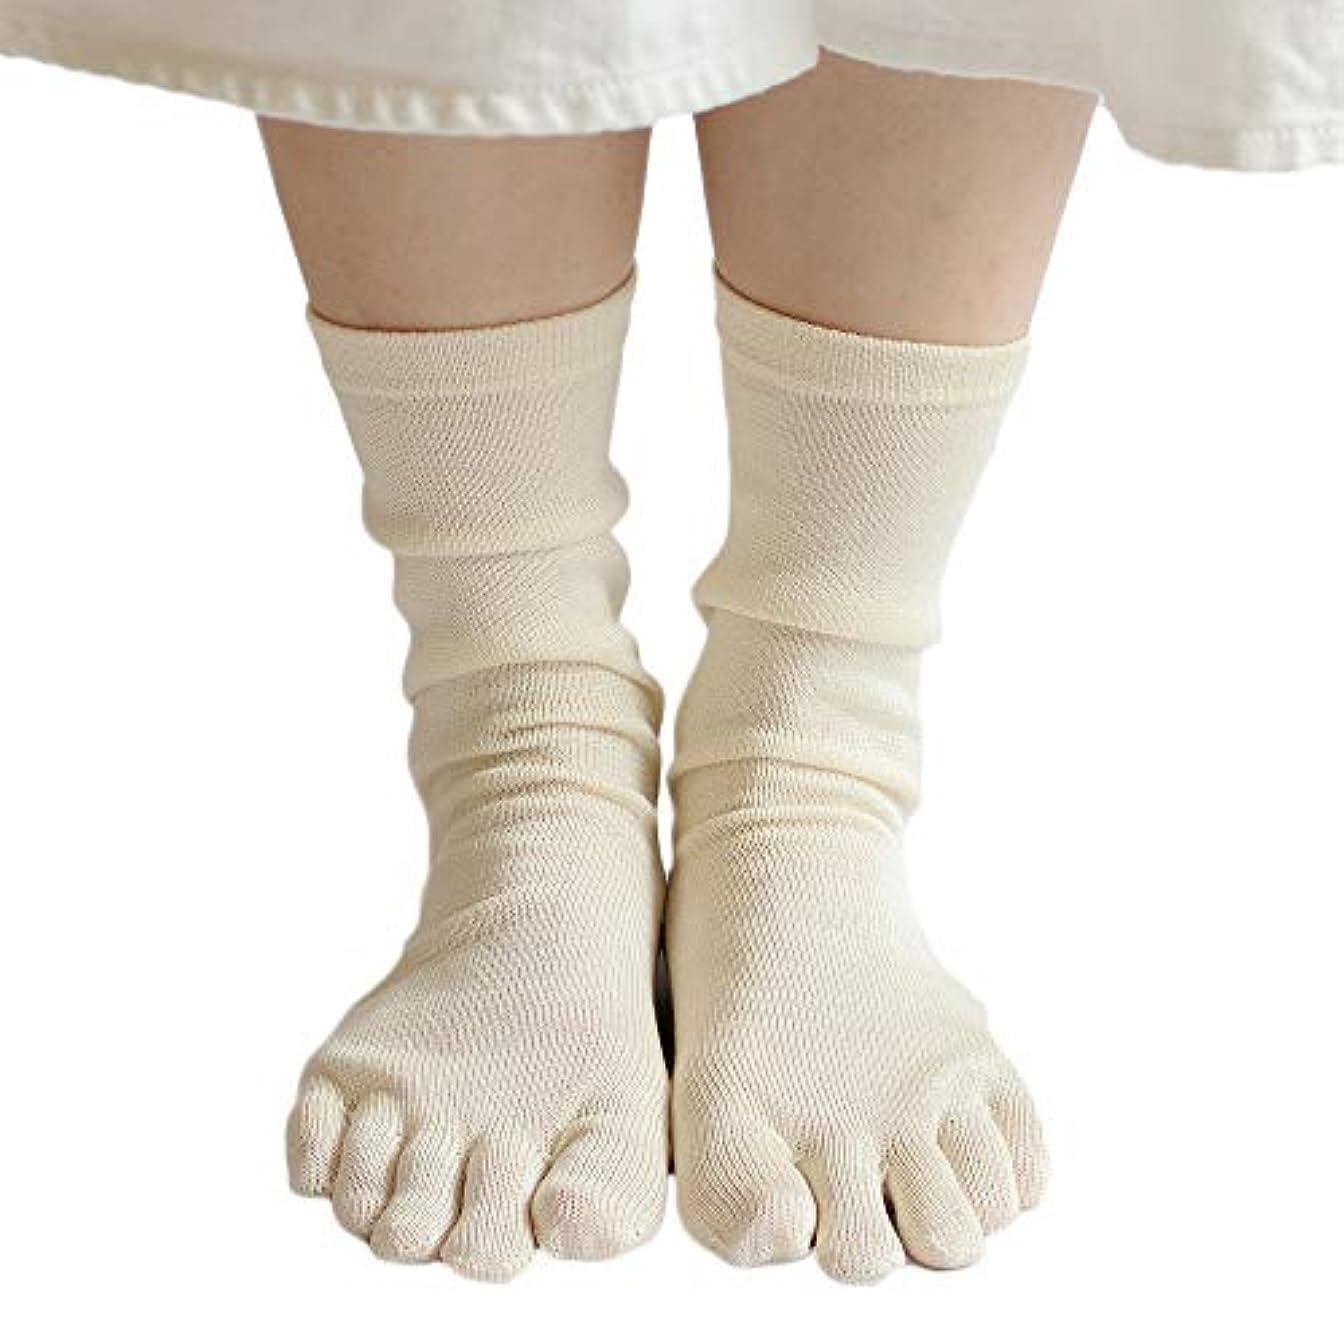 租界艶狂信者タイシルク 100% 五本指 ソックス 3足セット かかとあり 上質なシルクを100%使用した薄手靴下 重ね履きのインナーソックスや冷えとりに